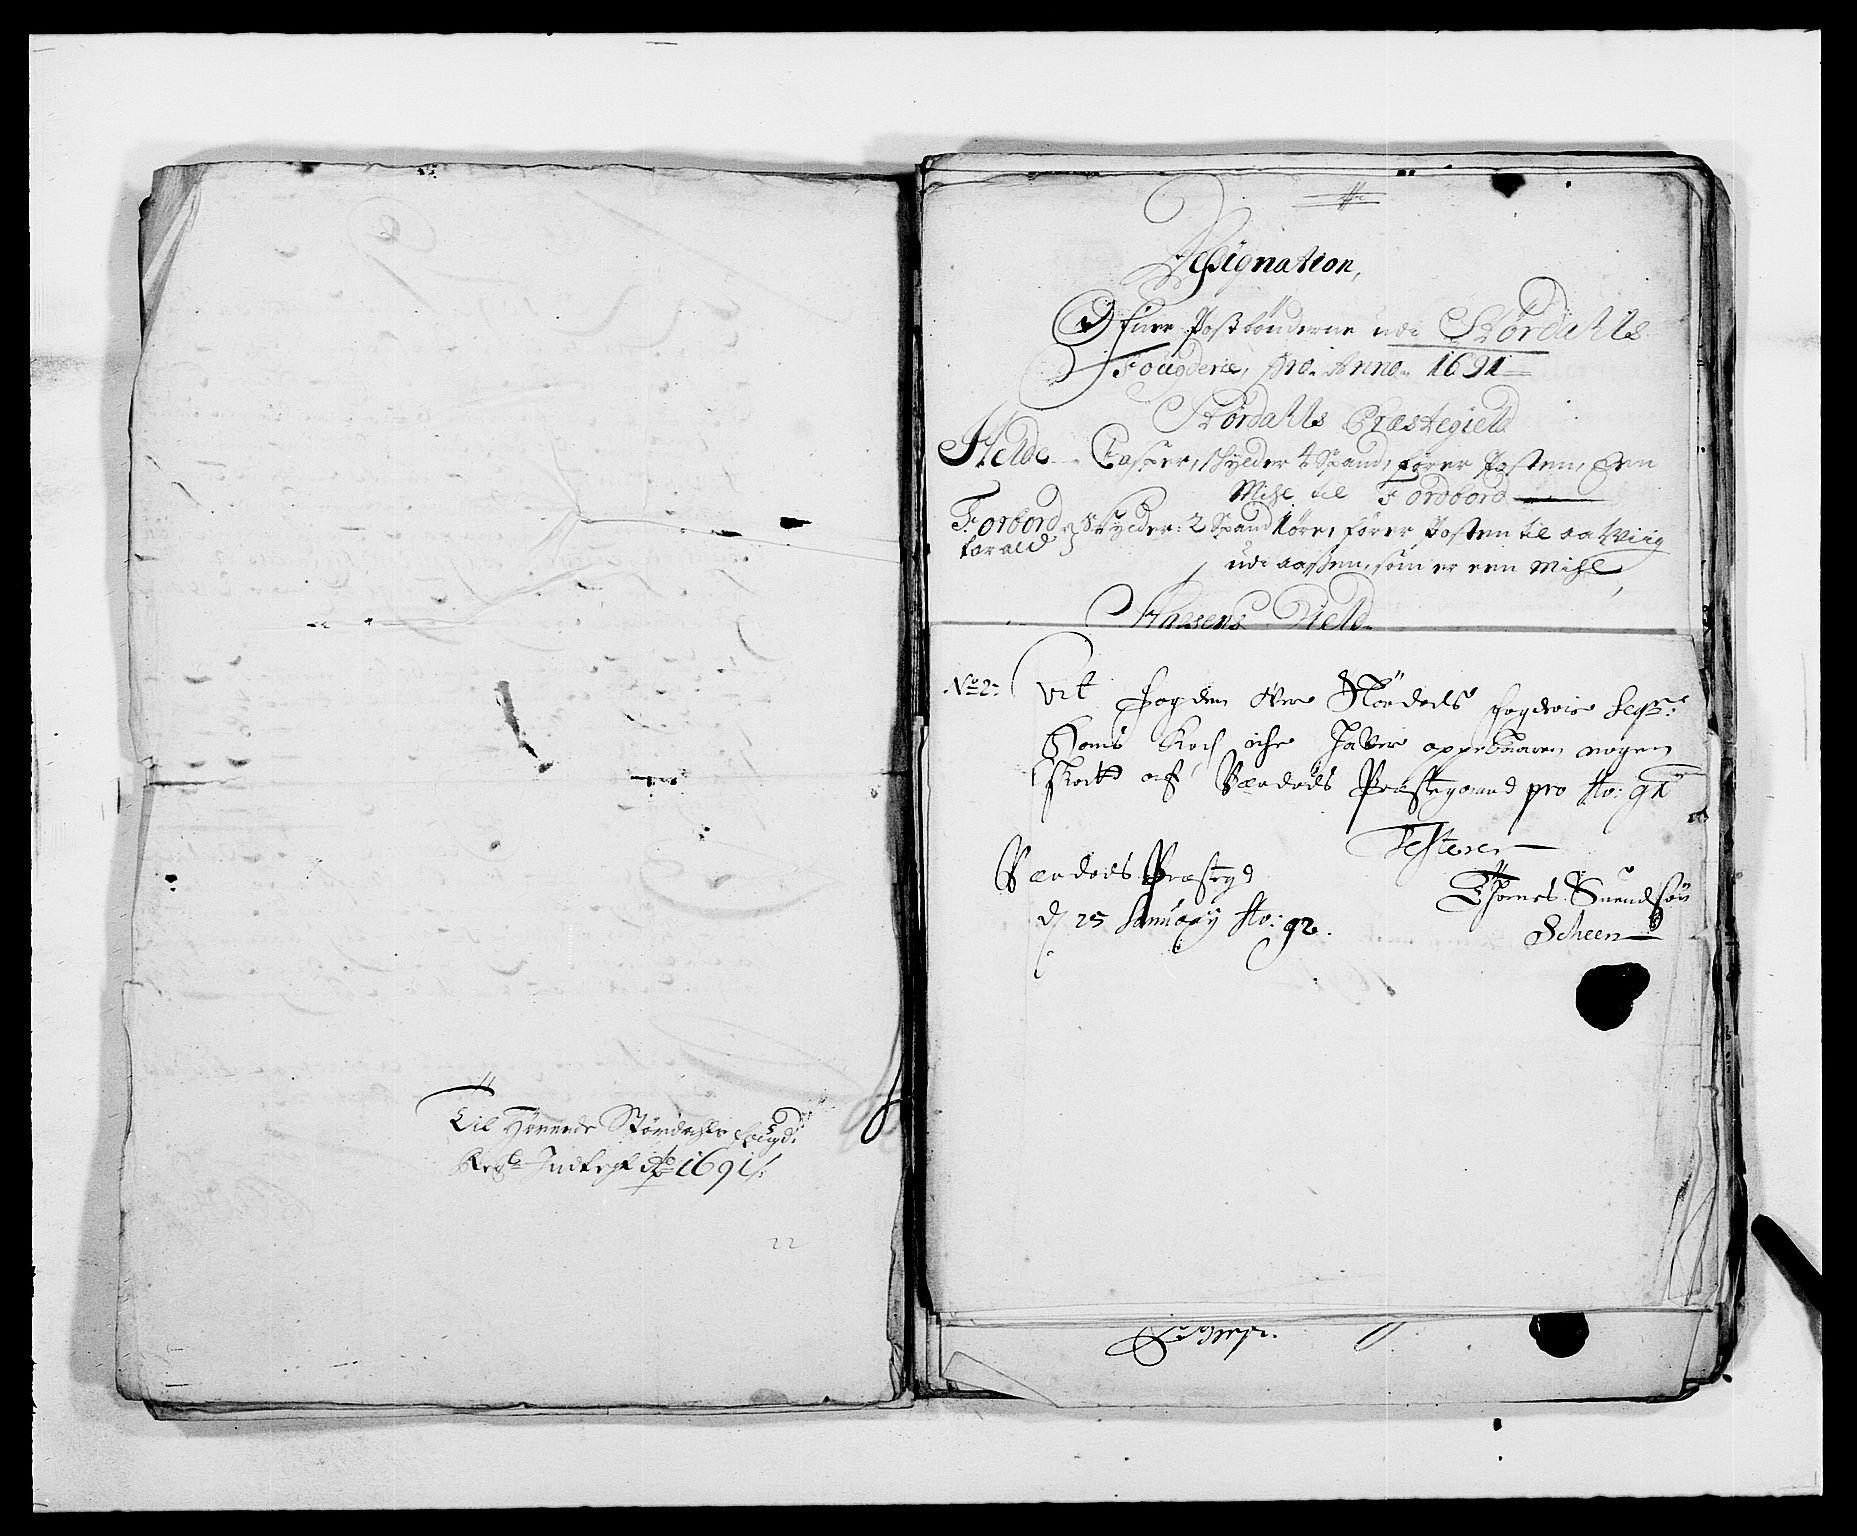 RA, Rentekammeret inntil 1814, Reviderte regnskaper, Fogderegnskap, R62/L4184: Fogderegnskap Stjørdal og Verdal, 1690-1691, s. 426